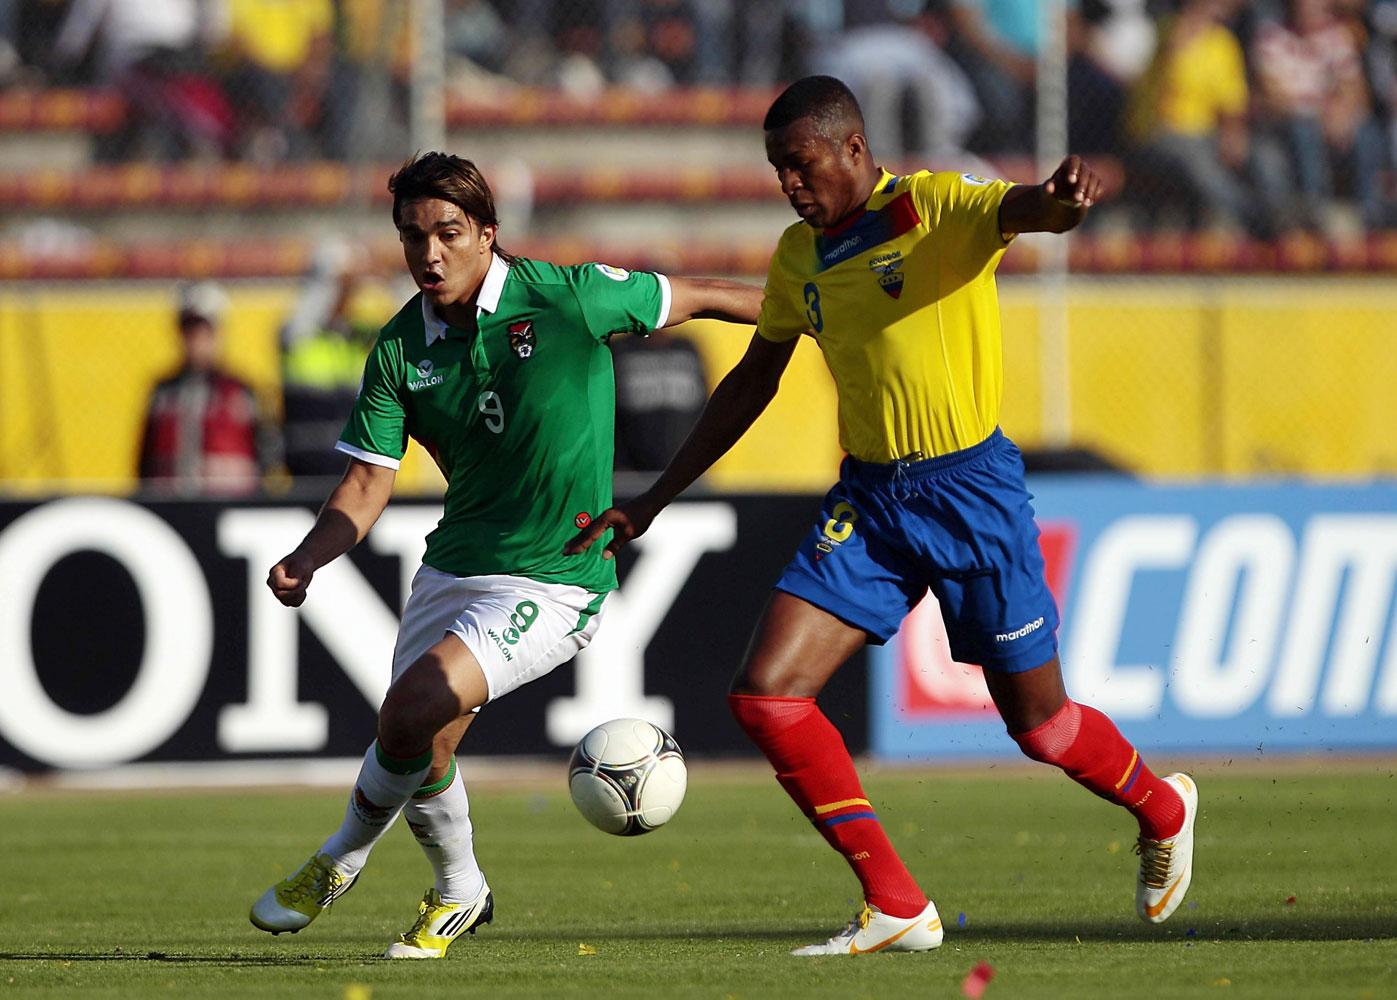 от футбол боливия эквадор прогноз